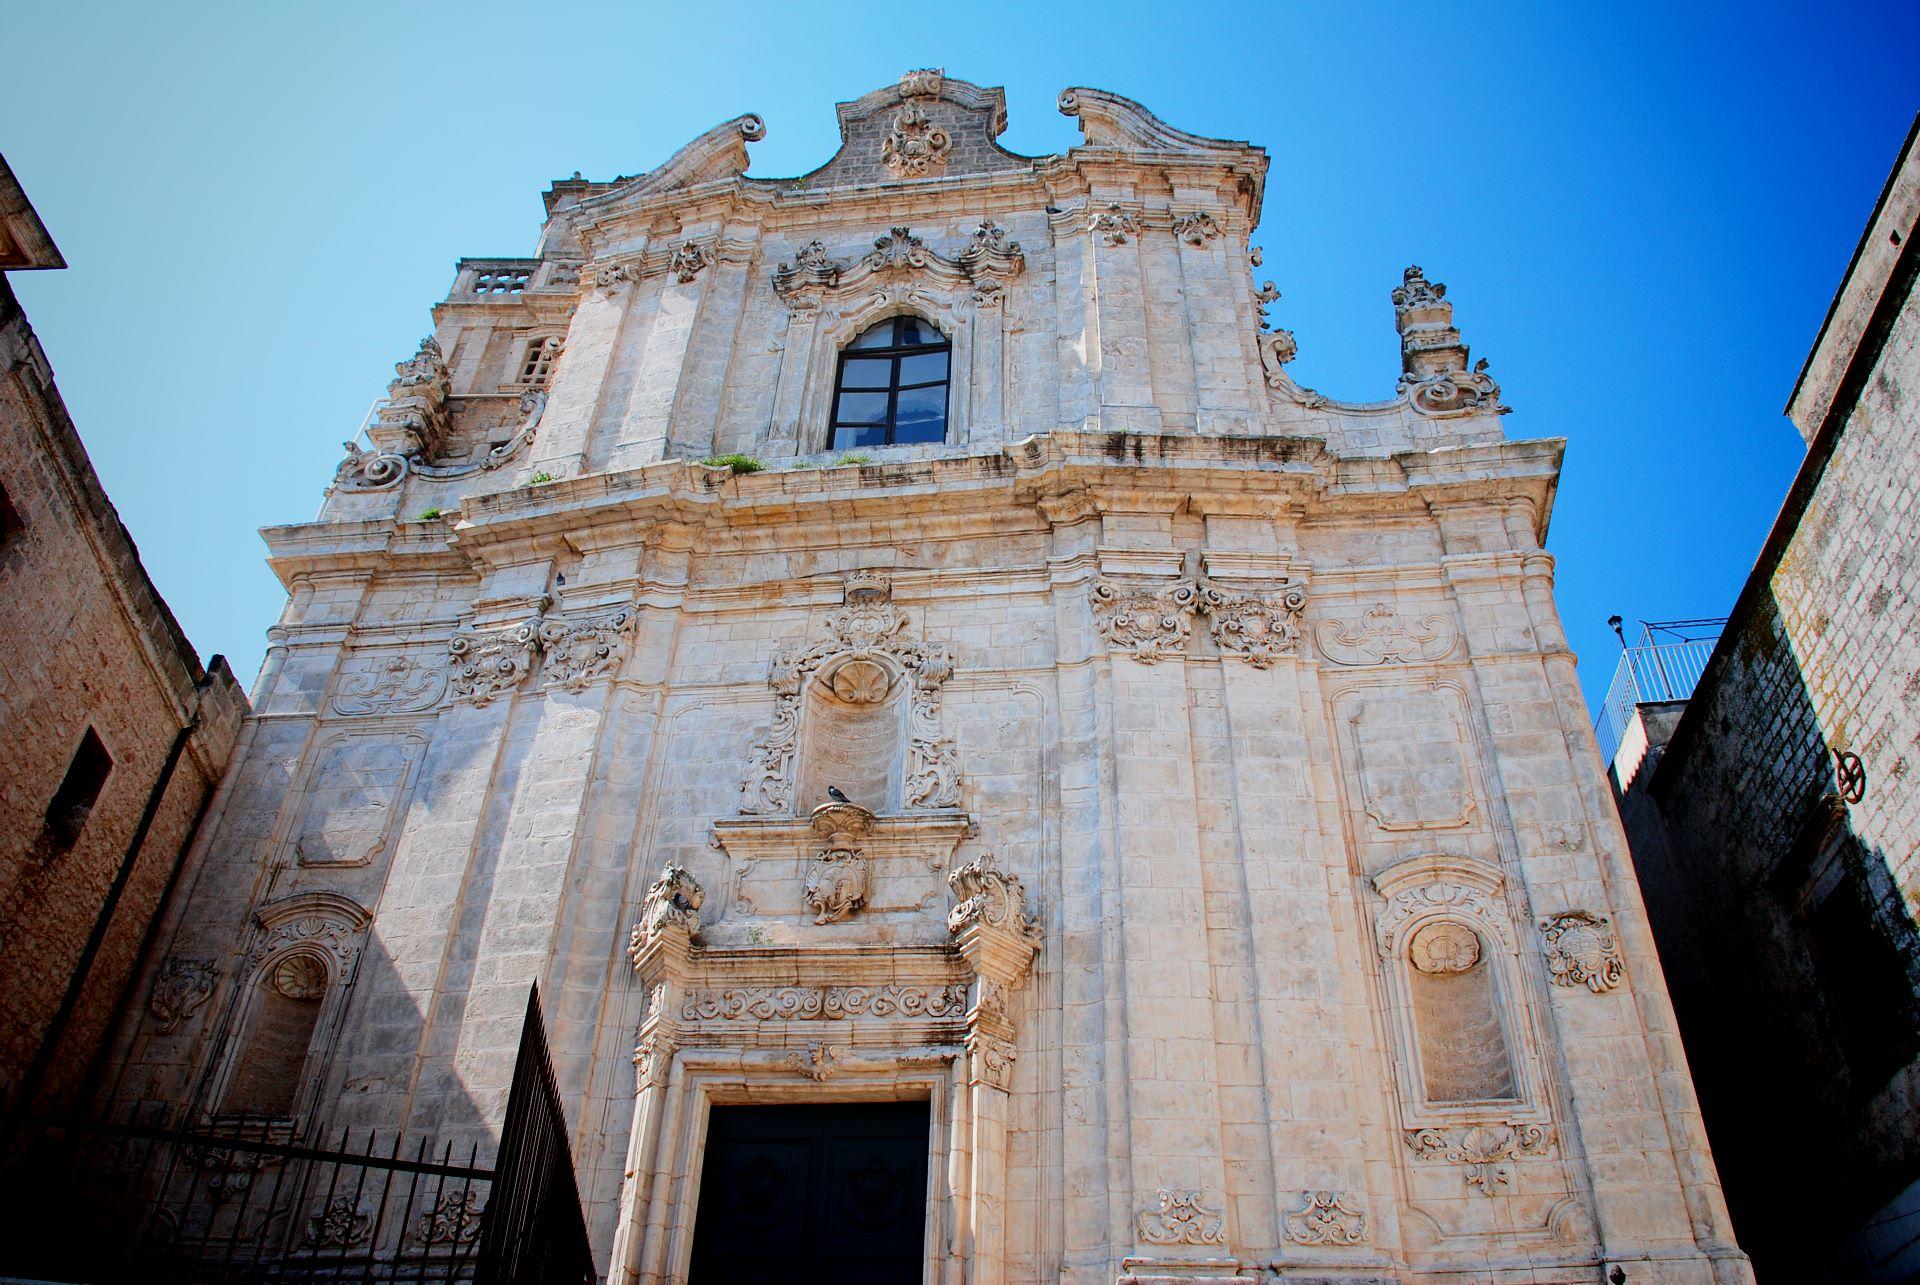 apulia slow travel ostuni san vito chiesa museo ostuni1 facciata white city citta bianca fassade rococo monacelle